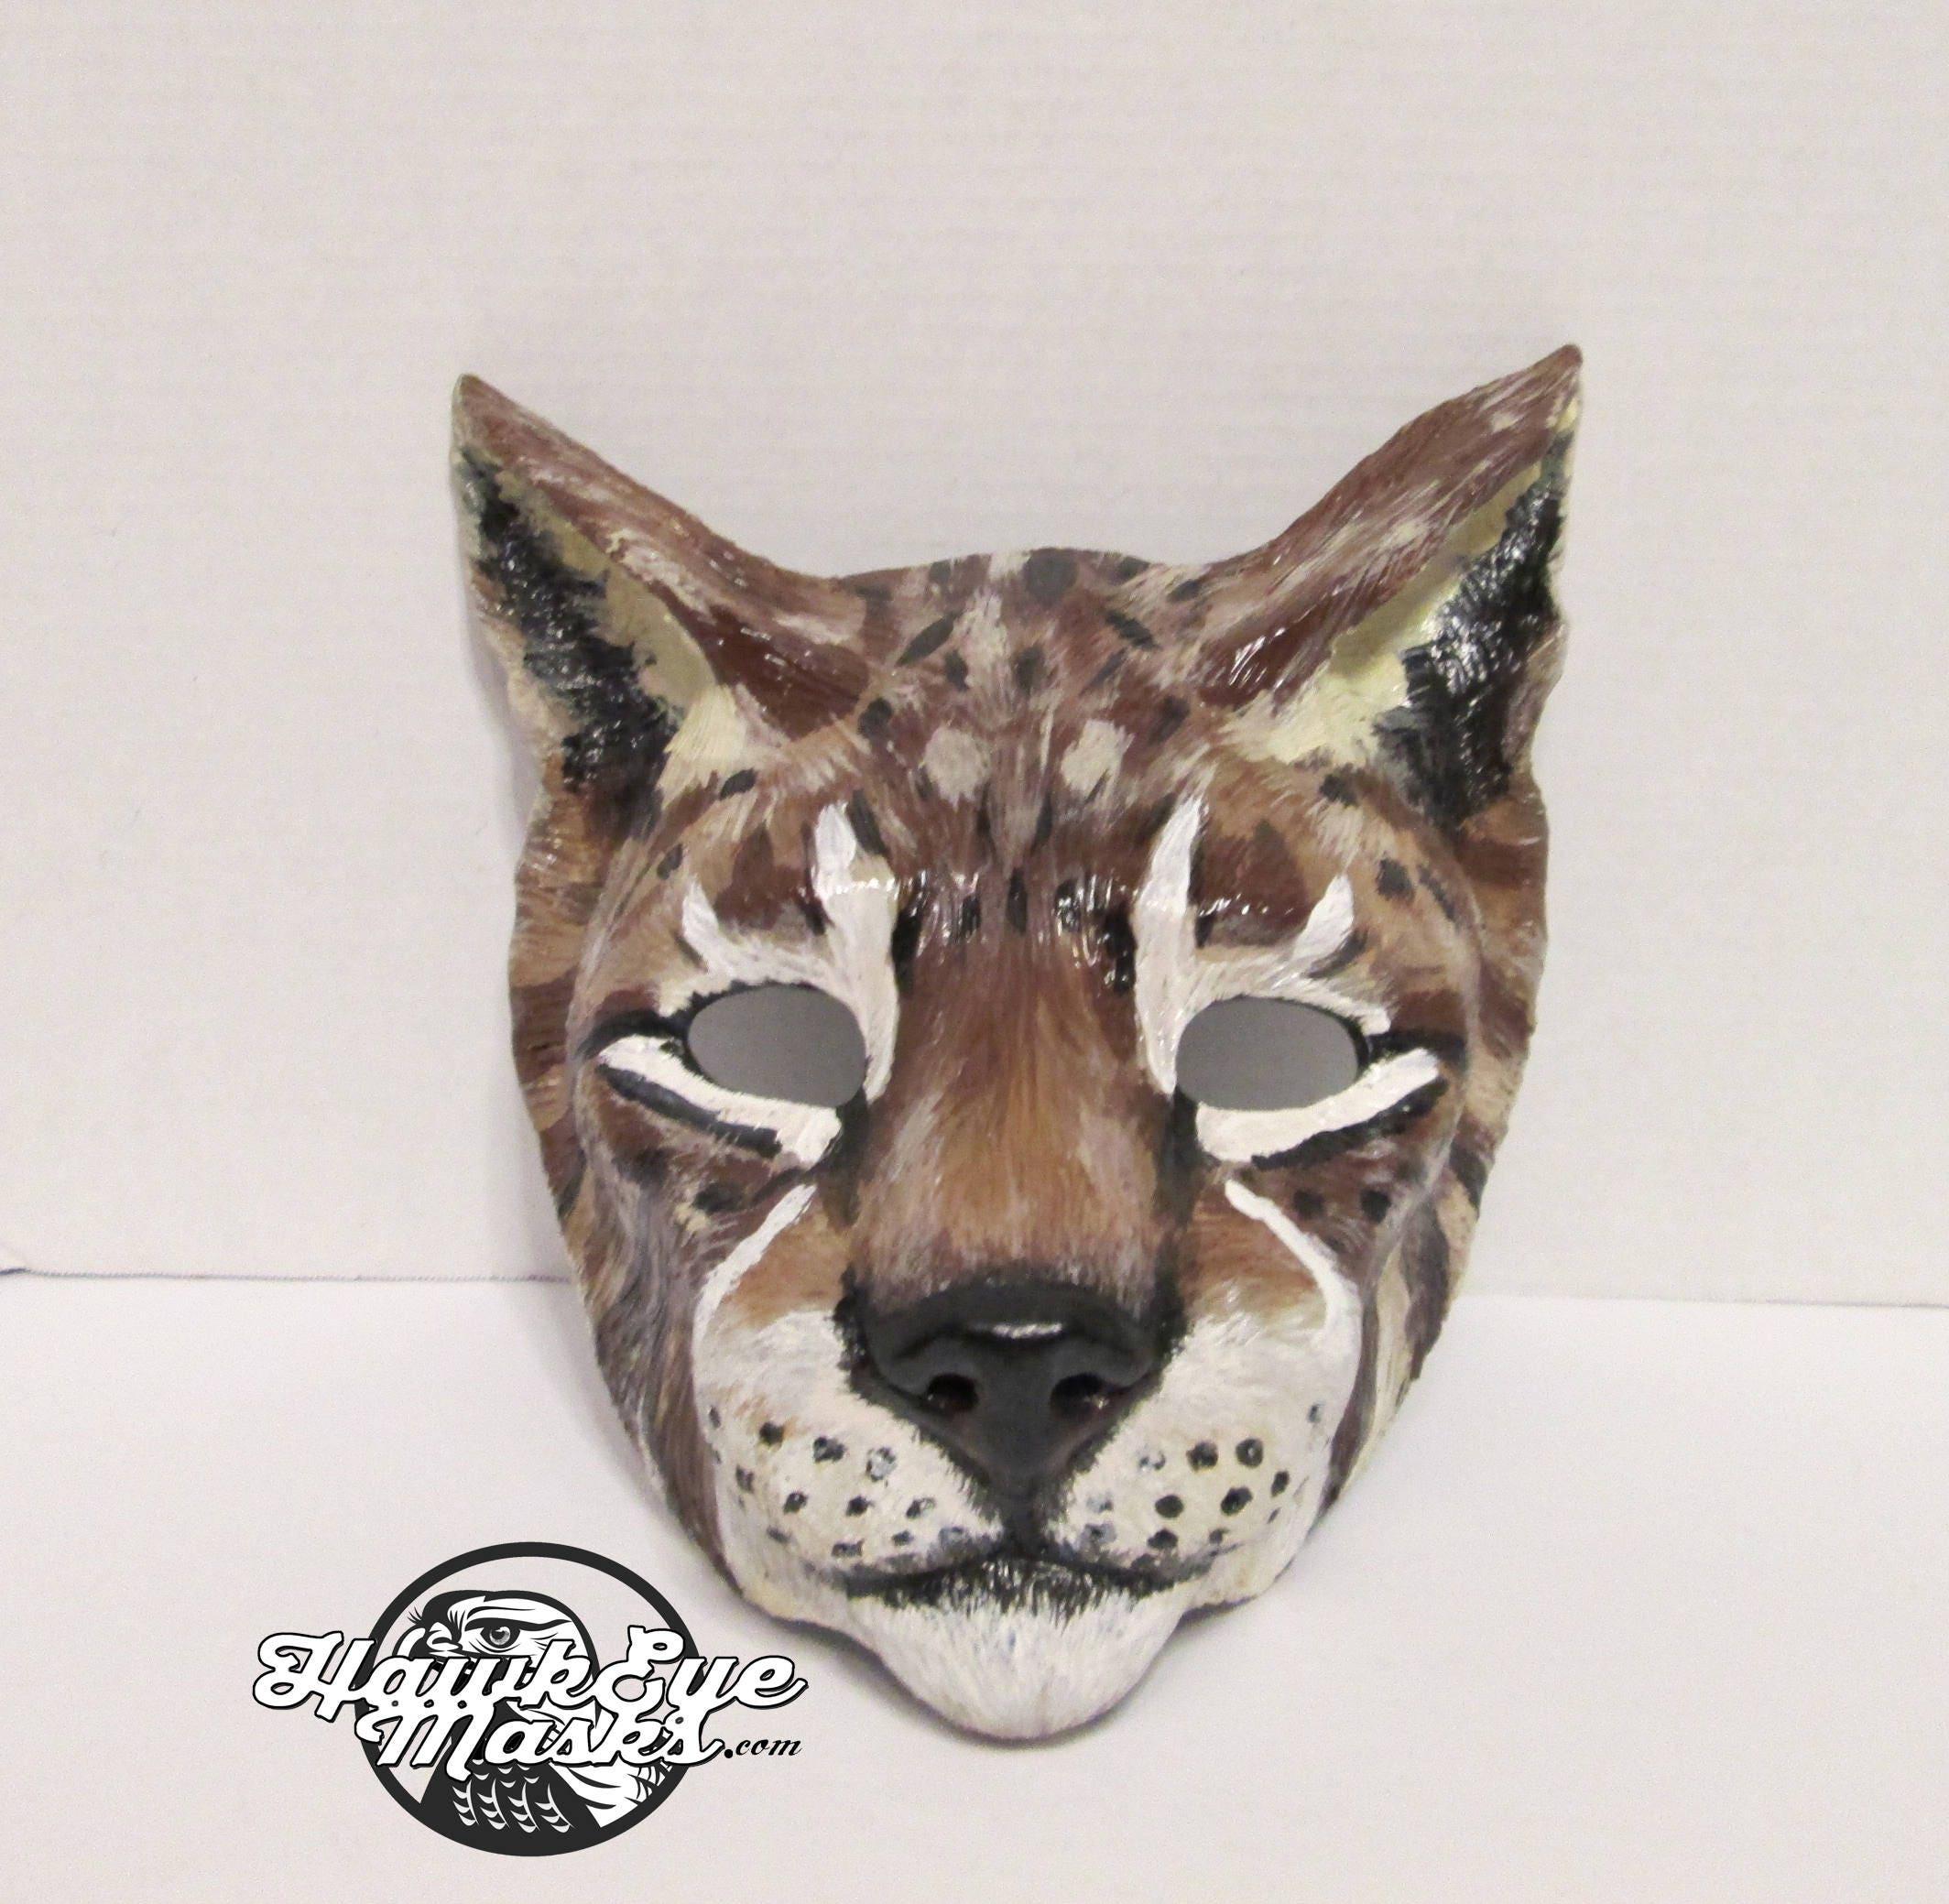 Luchs Katze Maske Wildkatze Raubkatze Geist maßgeschneiderte